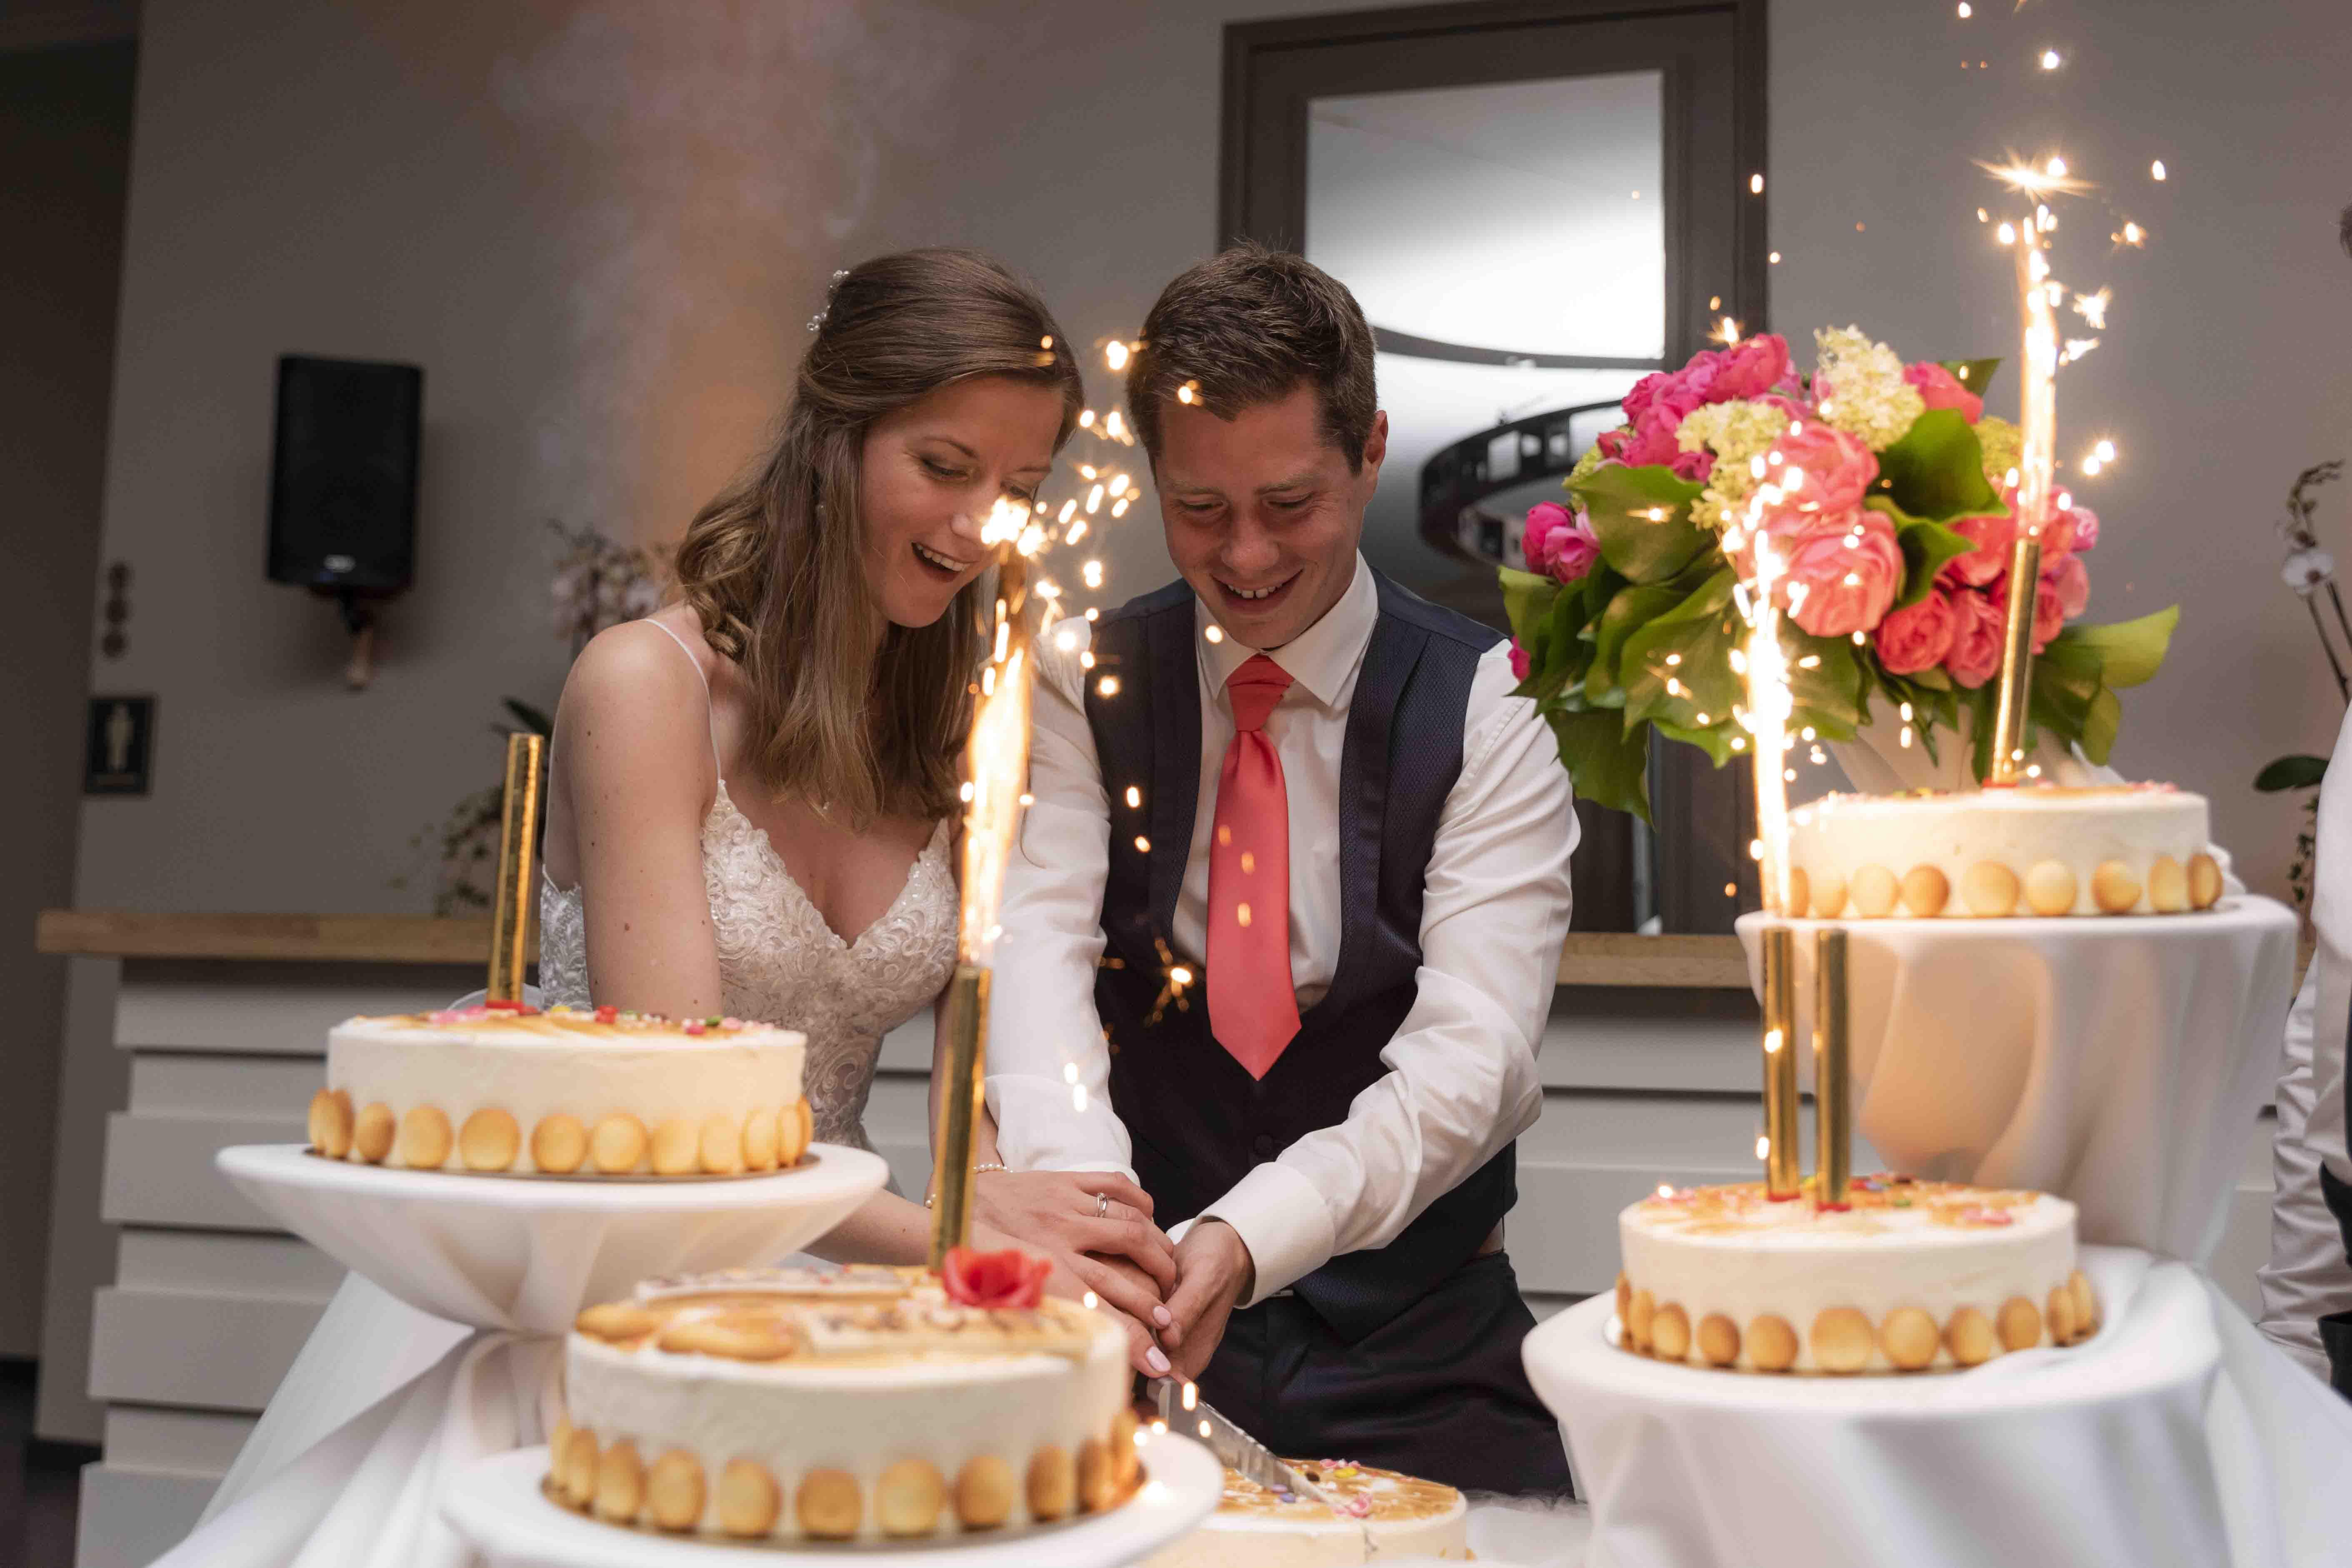 10 conseils pour bien choisir un photographe pour votre mariage